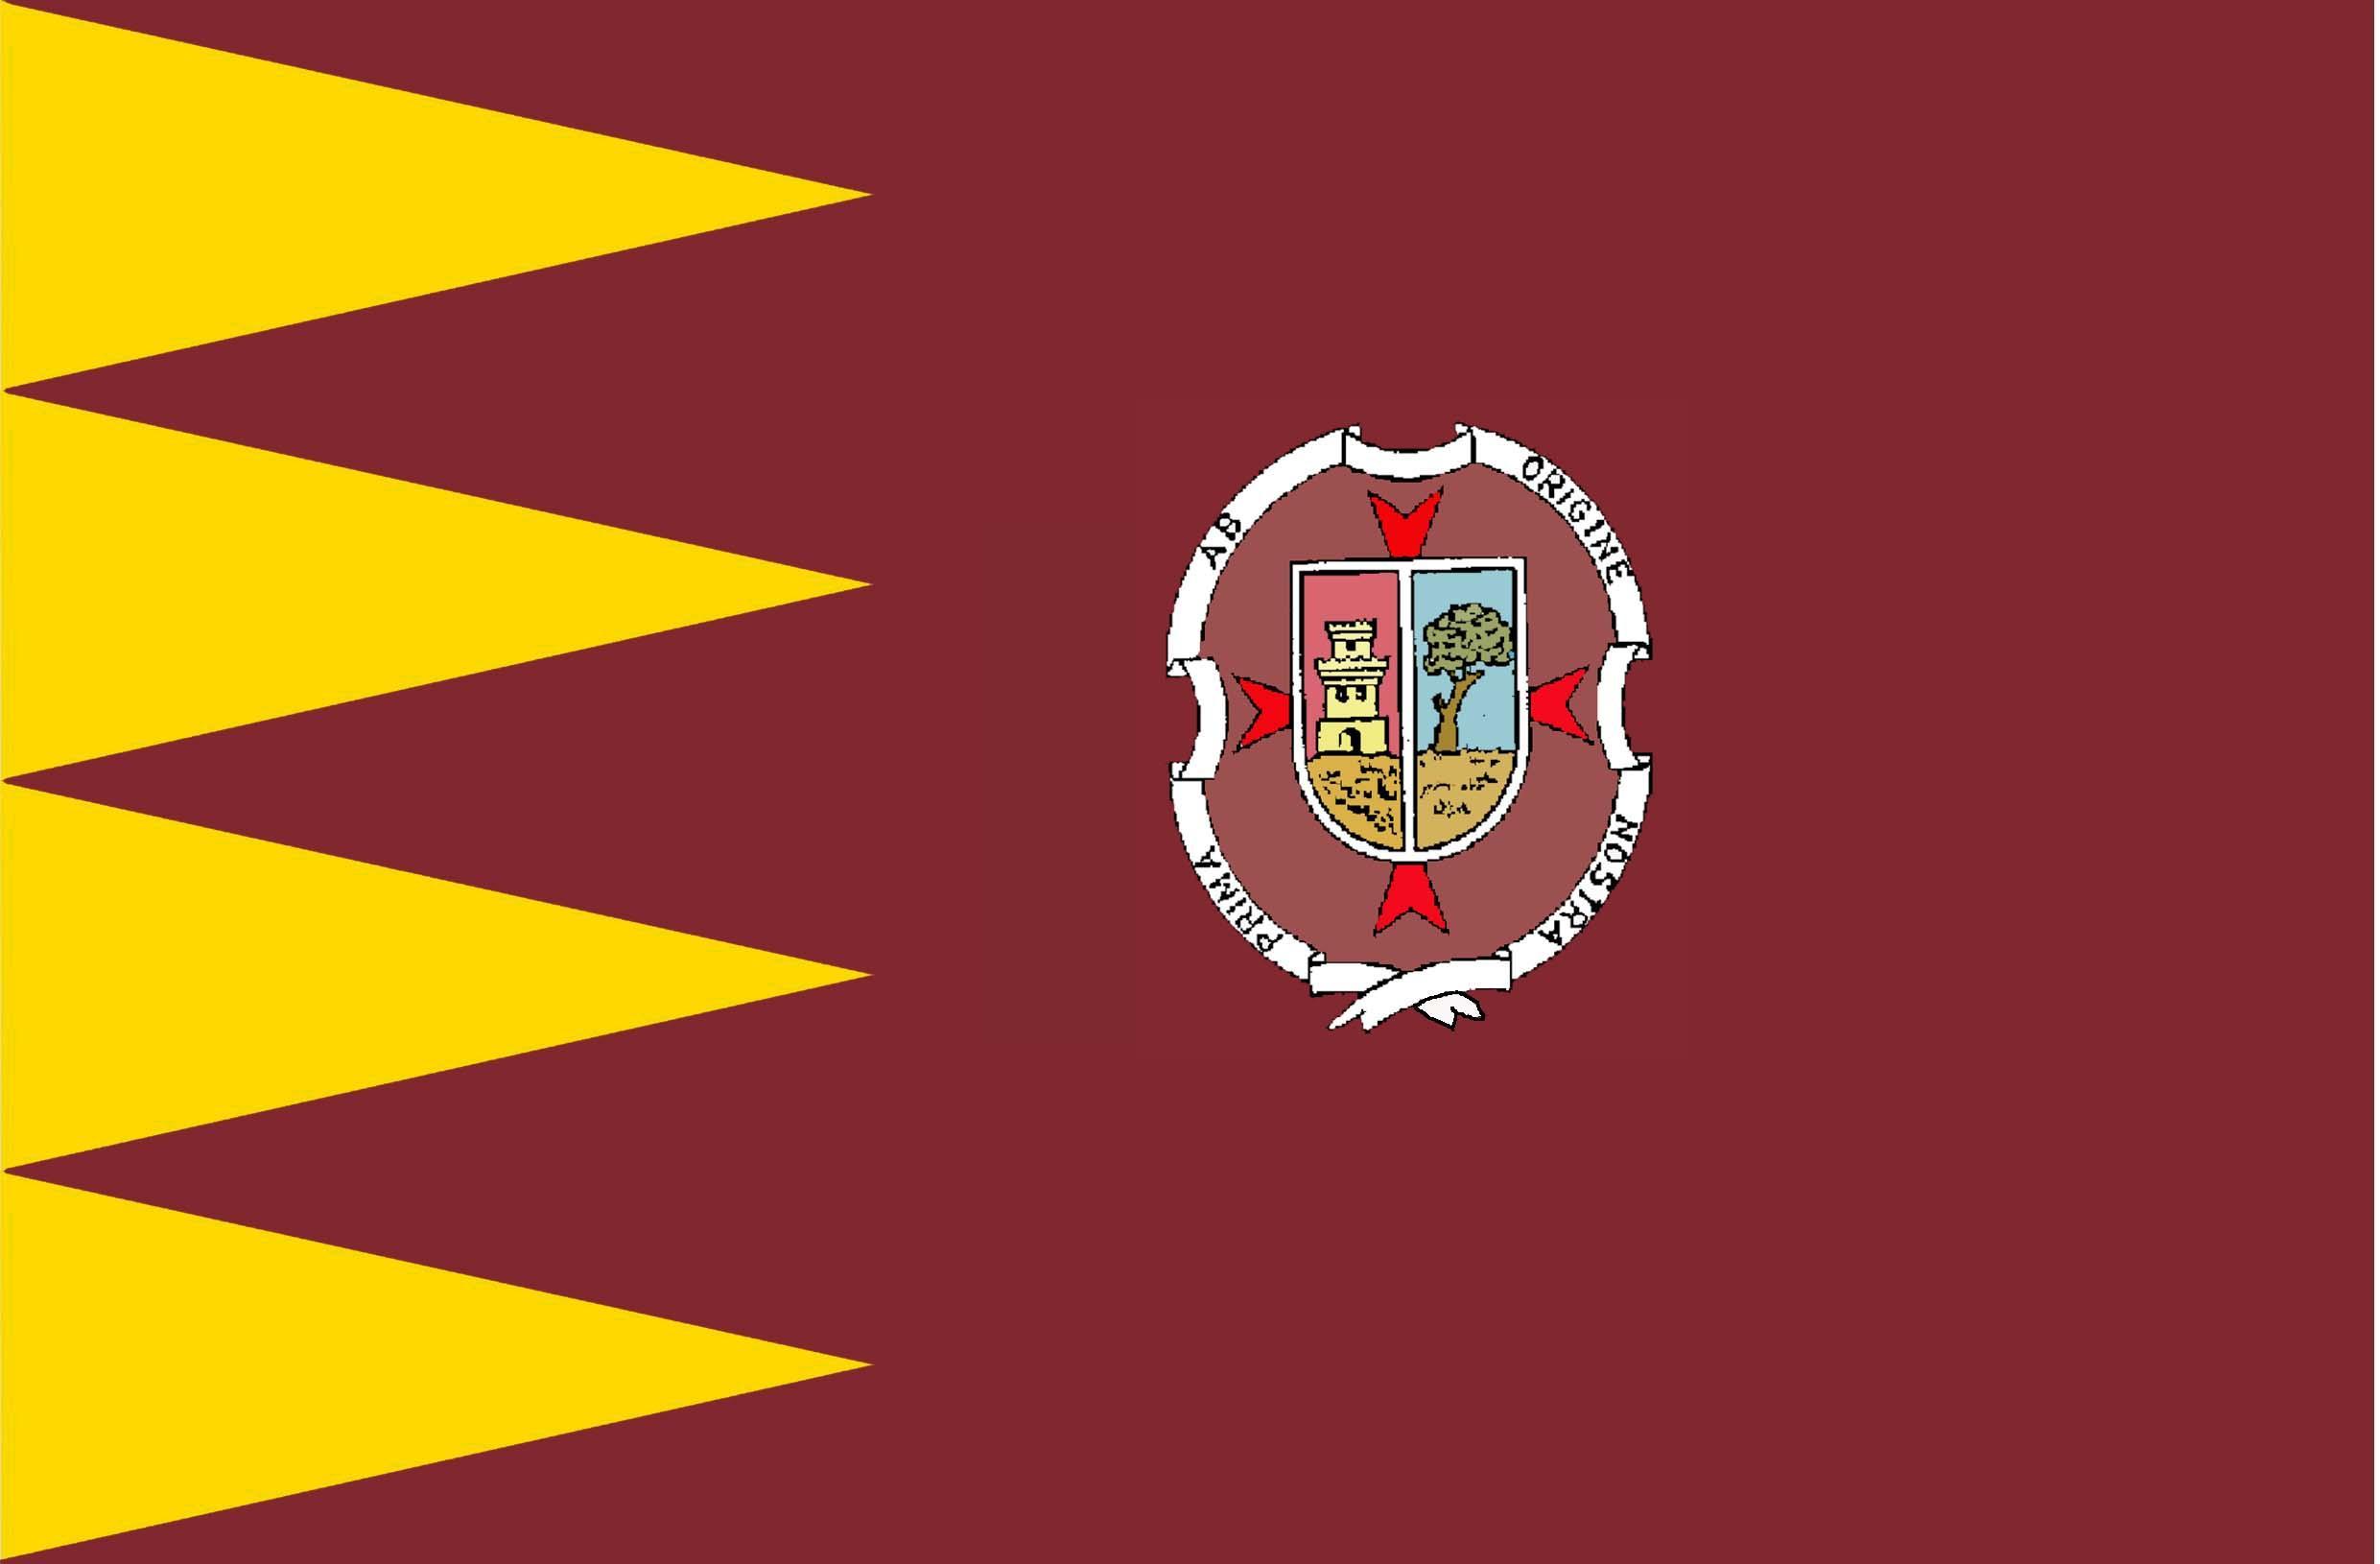 Bandera de Madridejos